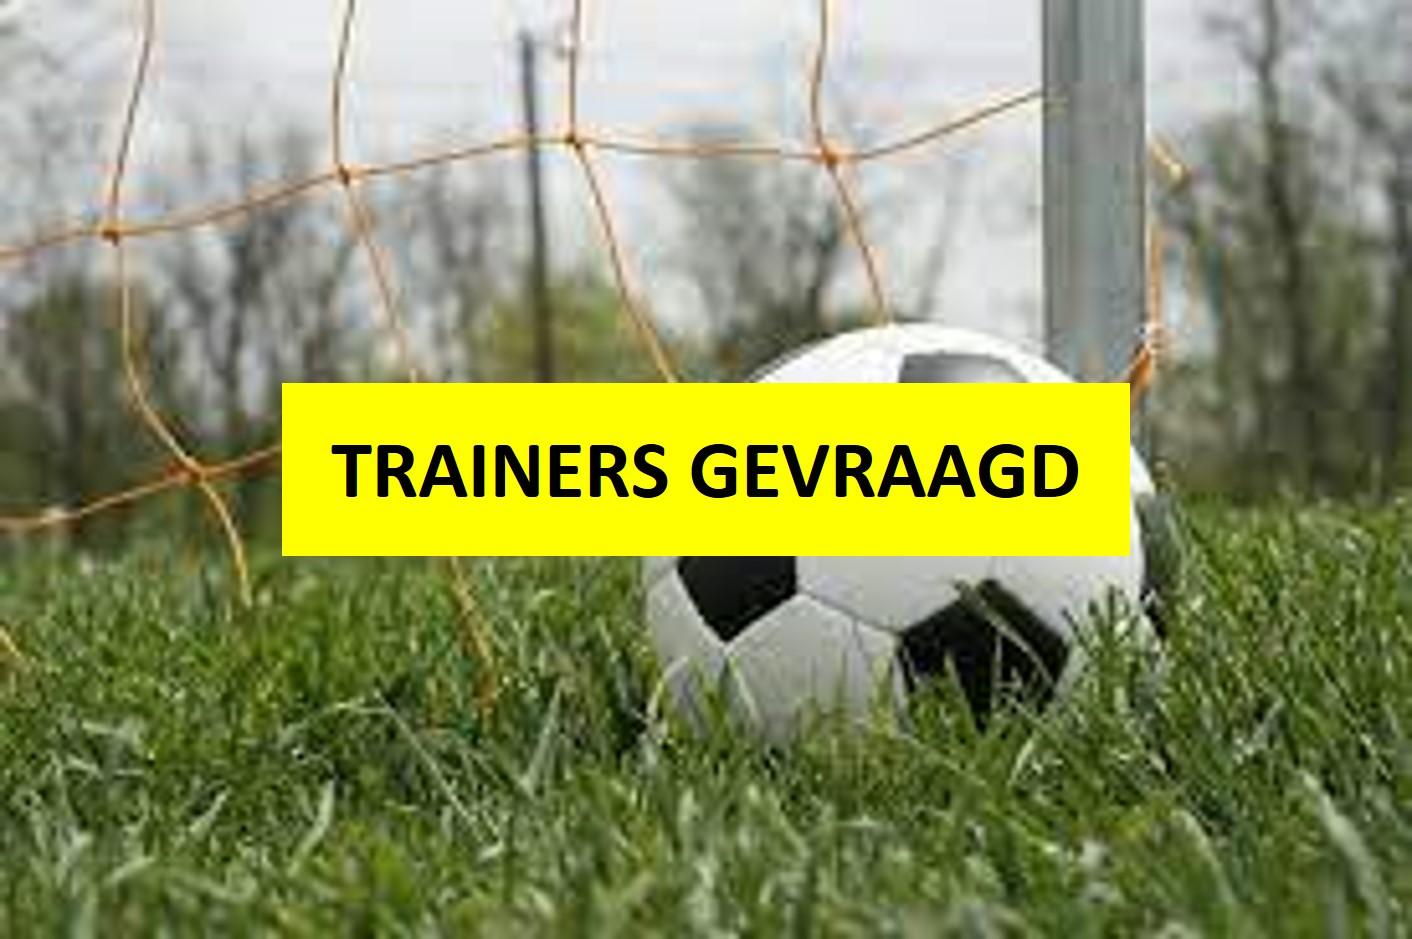 Trainers gevraagd! Word jij een van de nieuwe trainers?